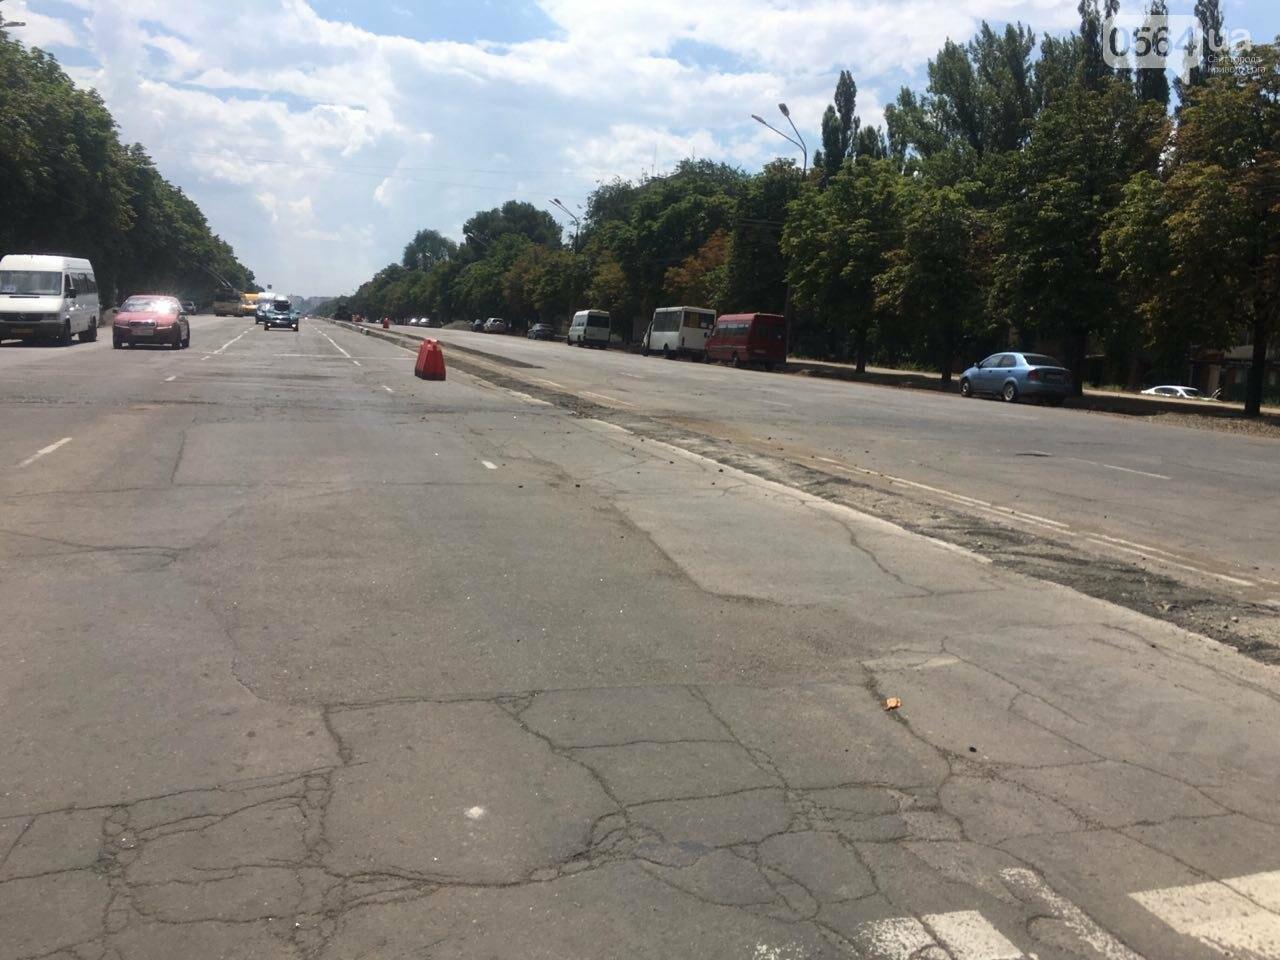 С сегодняшнего дня на центральном проспекте Кривого Рога отменены 3 остановки и запрещена парковка, - ФОТО, фото-5